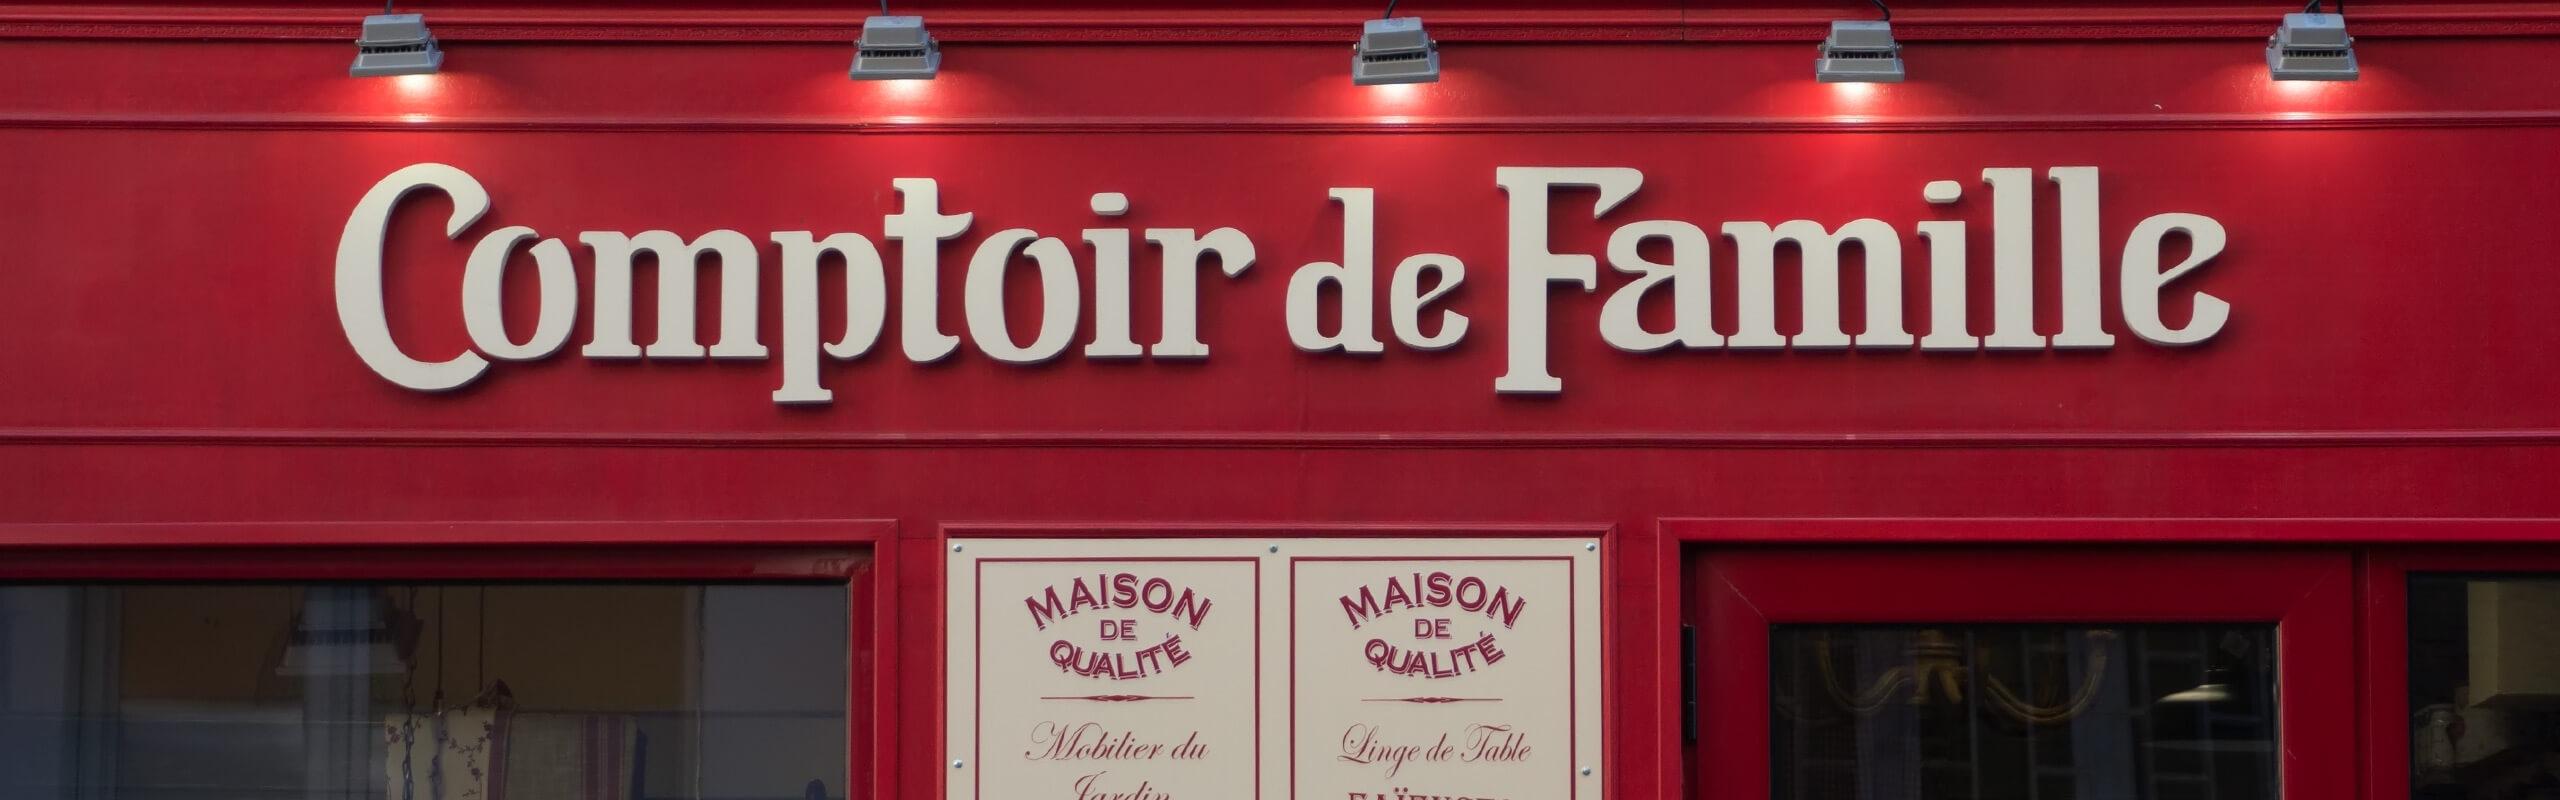 Comptoir de Famillе – френски шик в сърцето на София